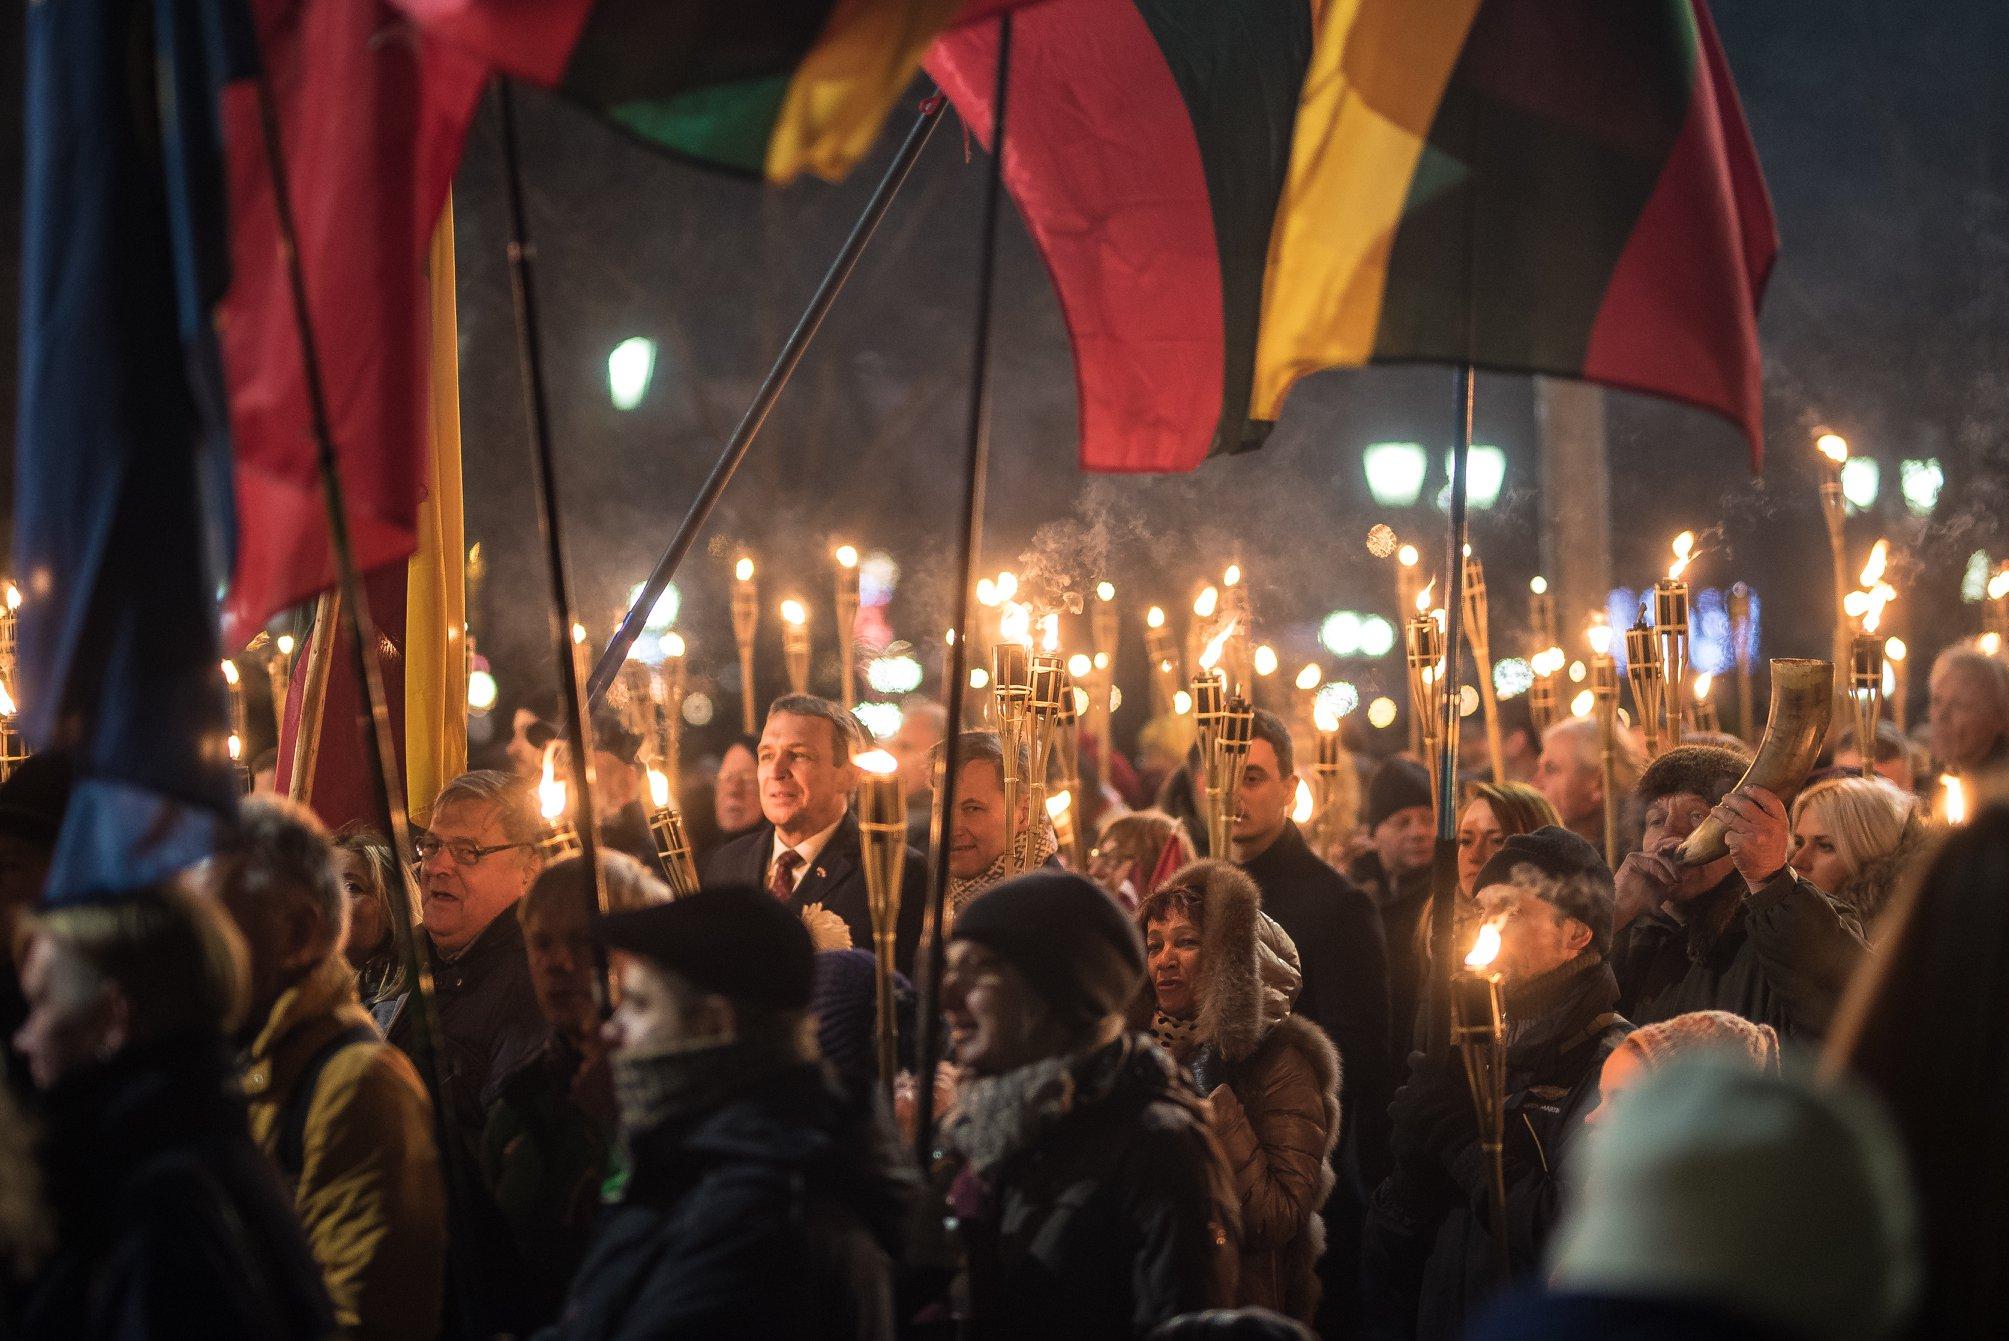 Kandidatas į Lietuvos Respublikos Prezidentus Arvydas Juozaitis žygiuoja eitynės su deglais | A. Bartašiaus nuotr.